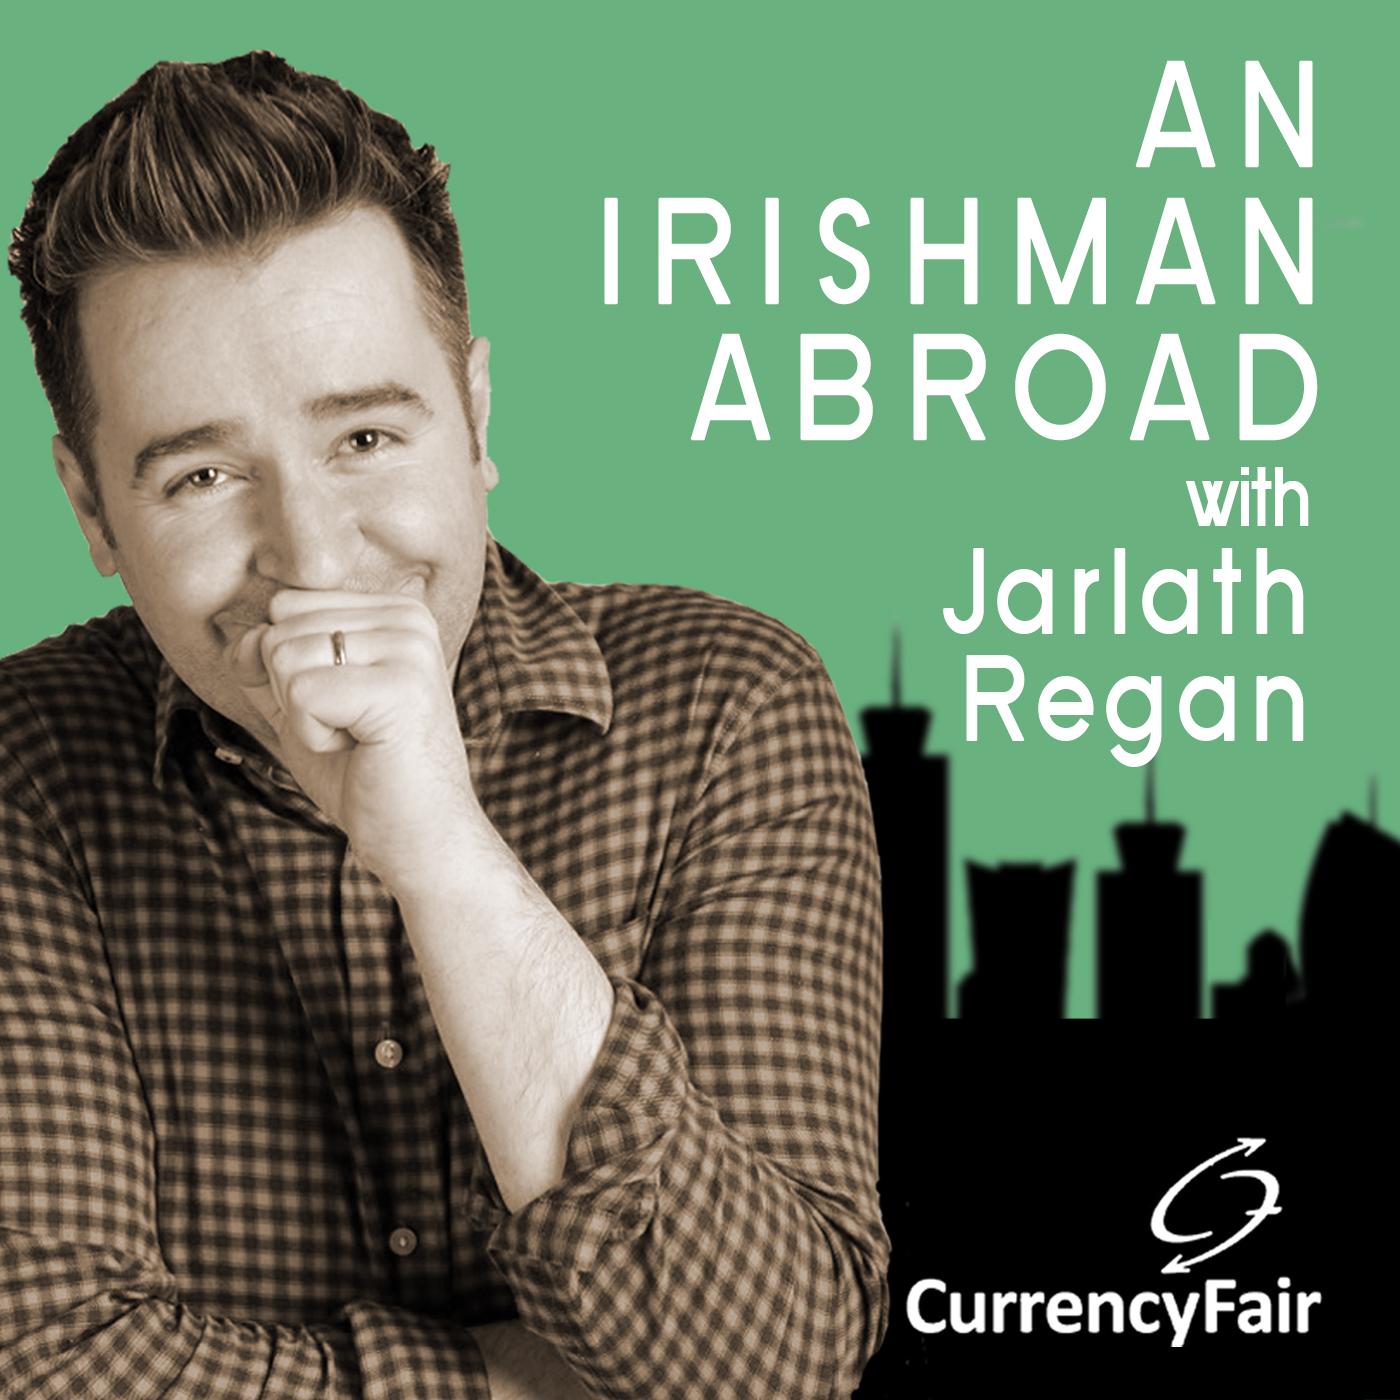 An Irishman Abroad